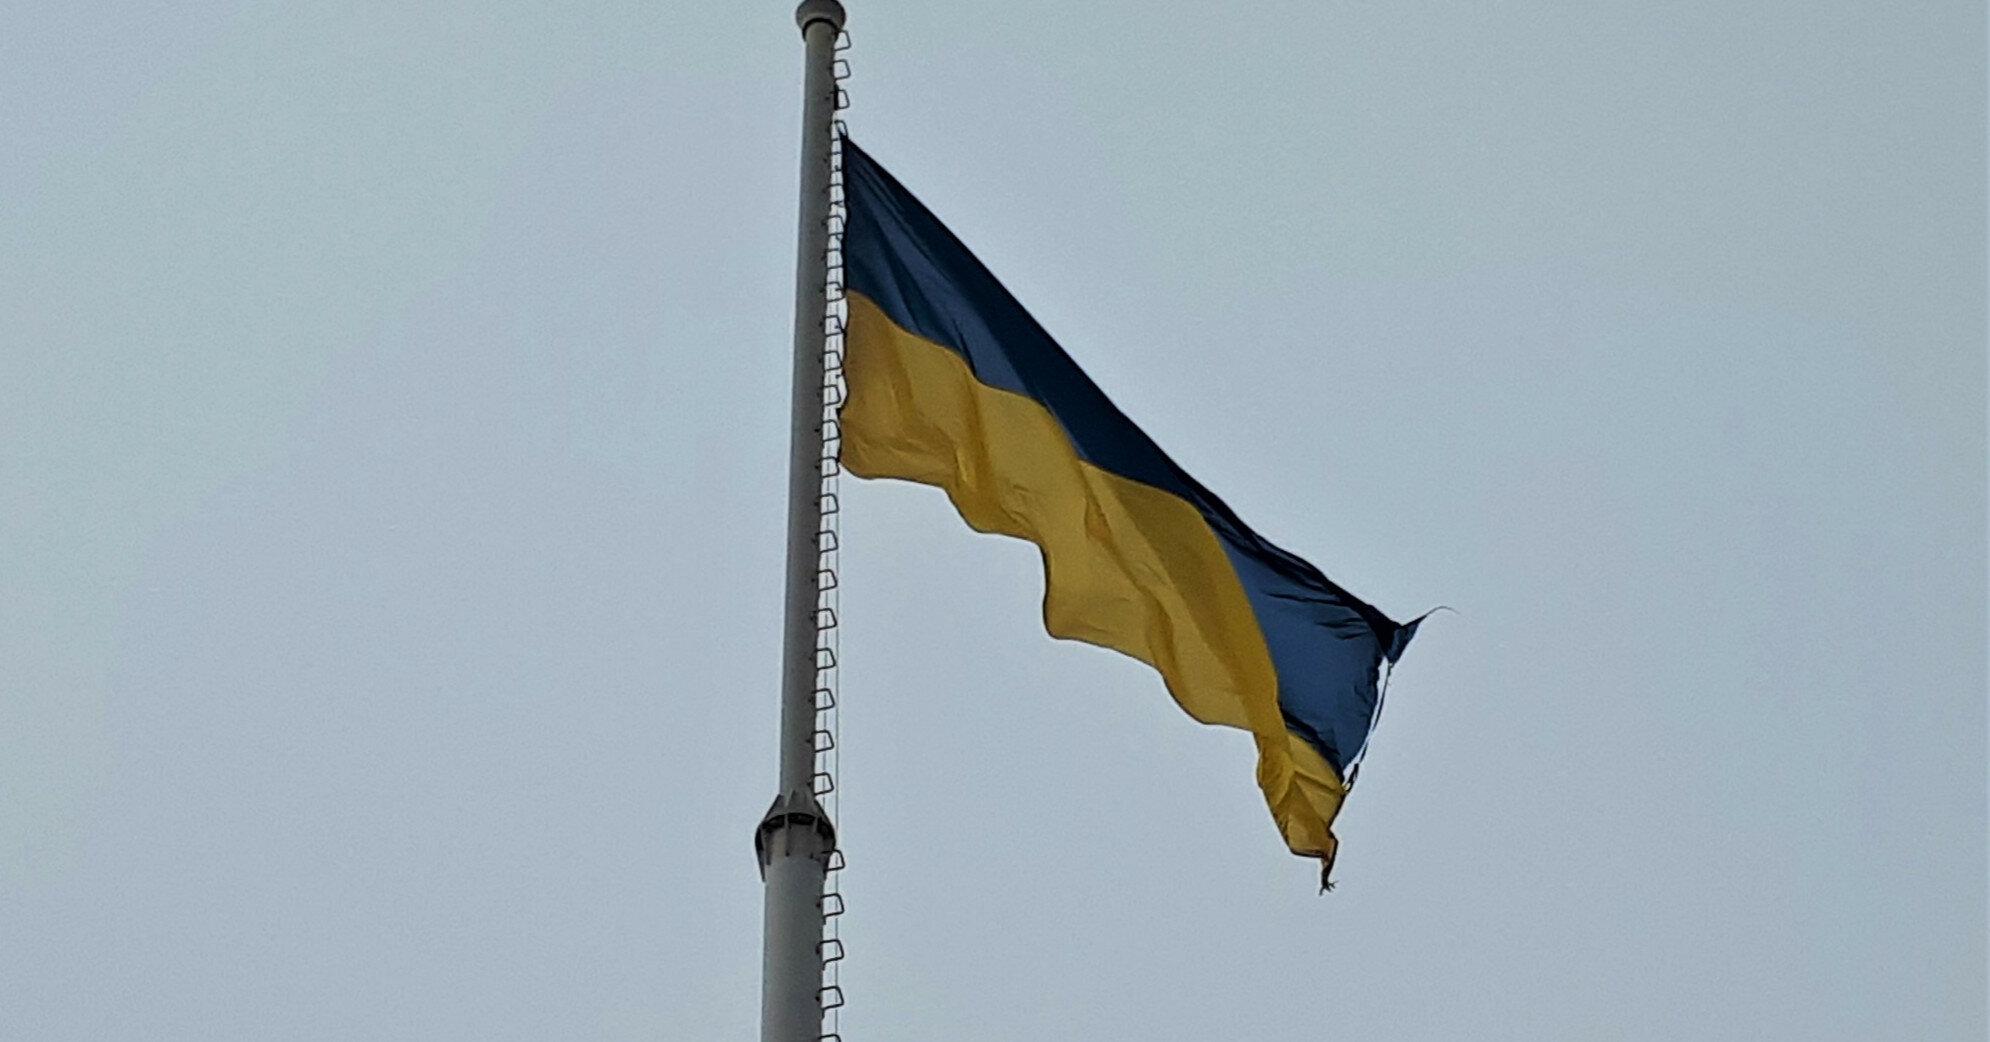 ФРГ не видит Украину в НАТО из-за позиции Путина